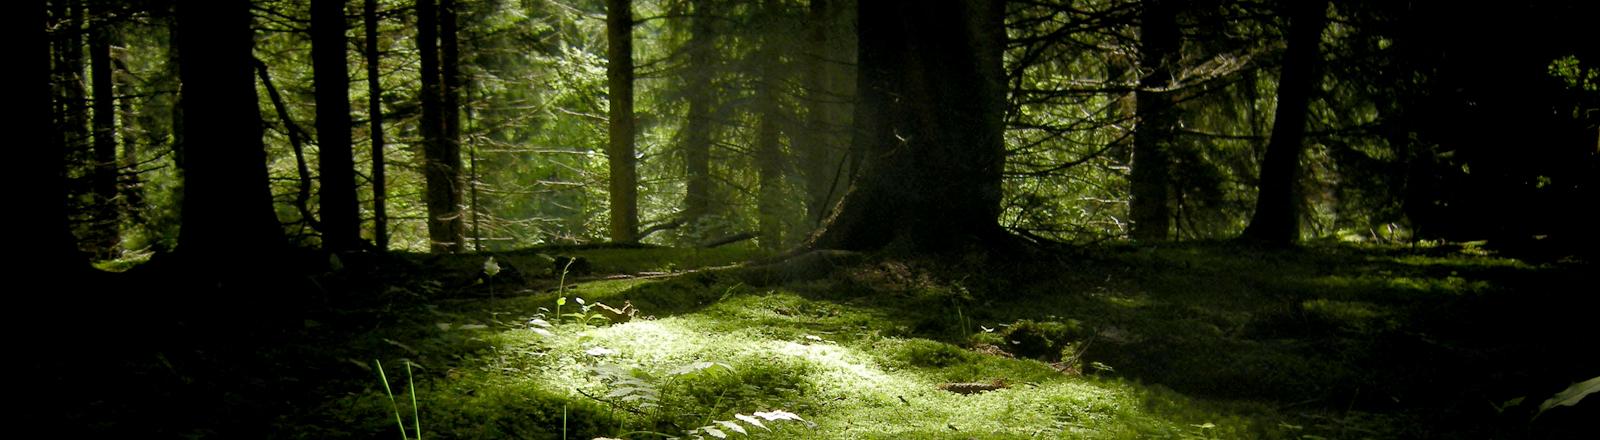 Blick in einen dunklen Wald